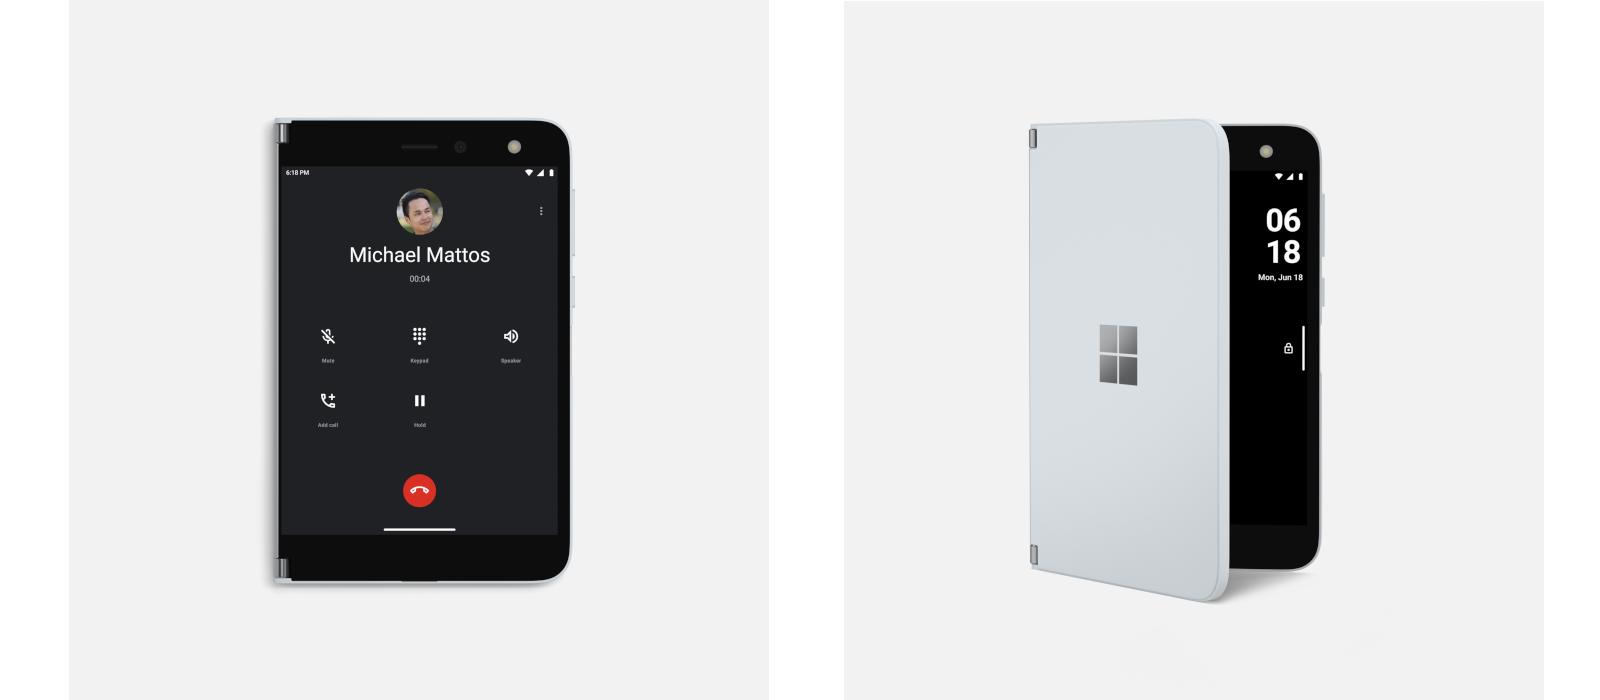 Auf dem linken Bild wird das Surface Duo im Telefonmodus dargestellt. Auf dem rechten Bild halb geöffnet, sodass man das Microsoft Surface Logo auf dem Surface Duo deutlich erkennt.